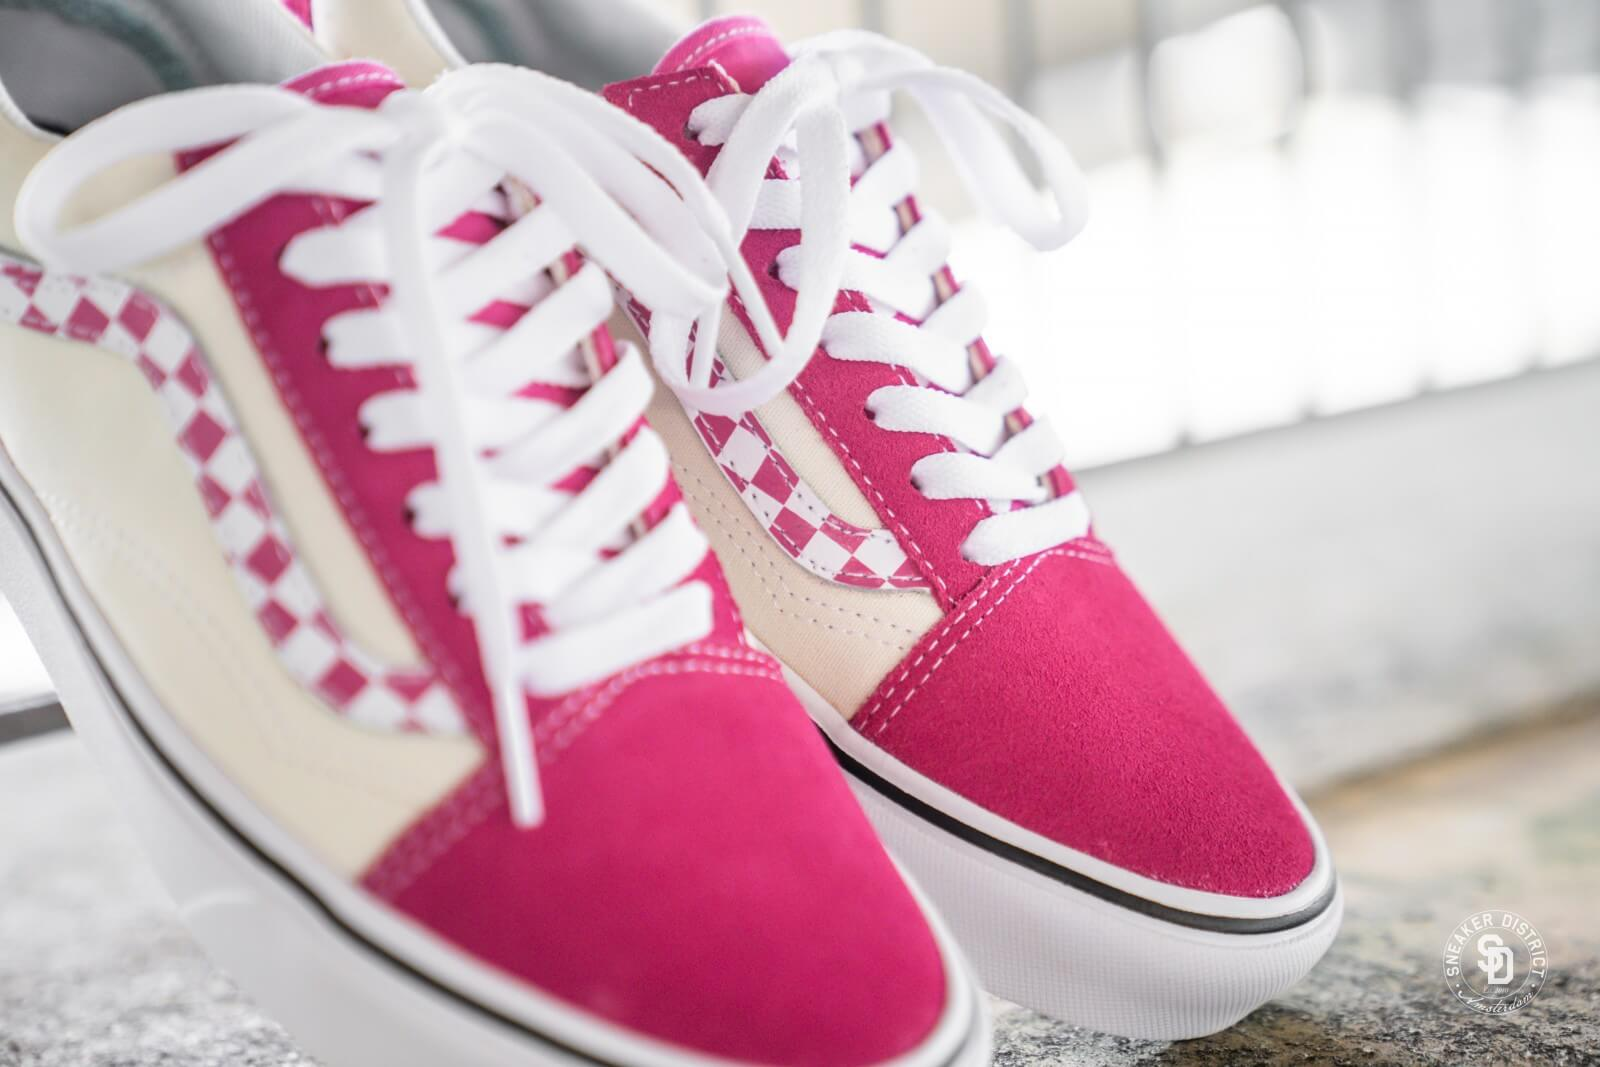 Old Skool Sidestripe Checkerboard Pink